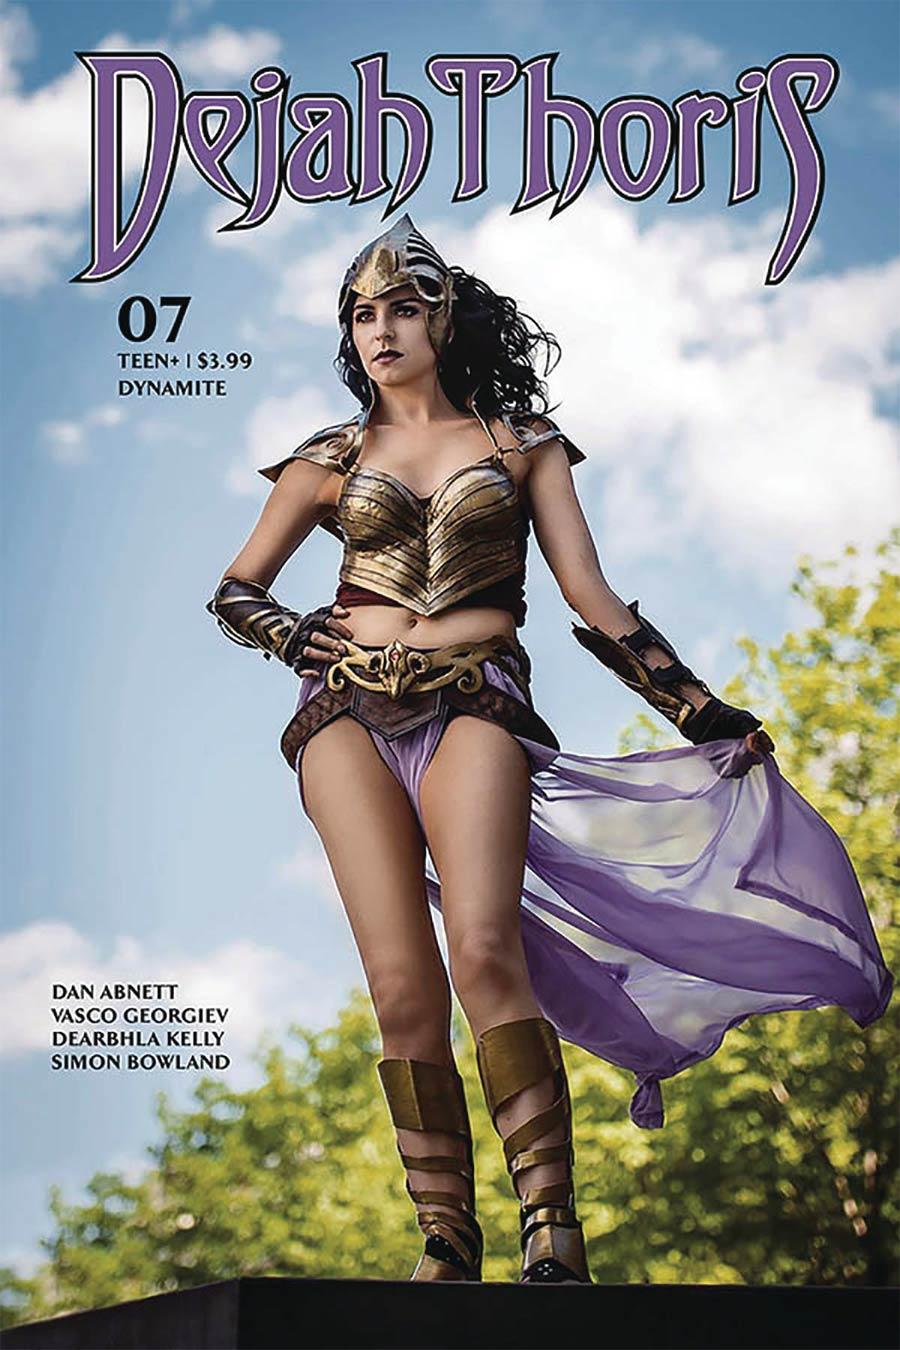 Dejah Thoris Vol 3 #7 Cover E Variant Samantha Estrada Cosplay Photo Cover